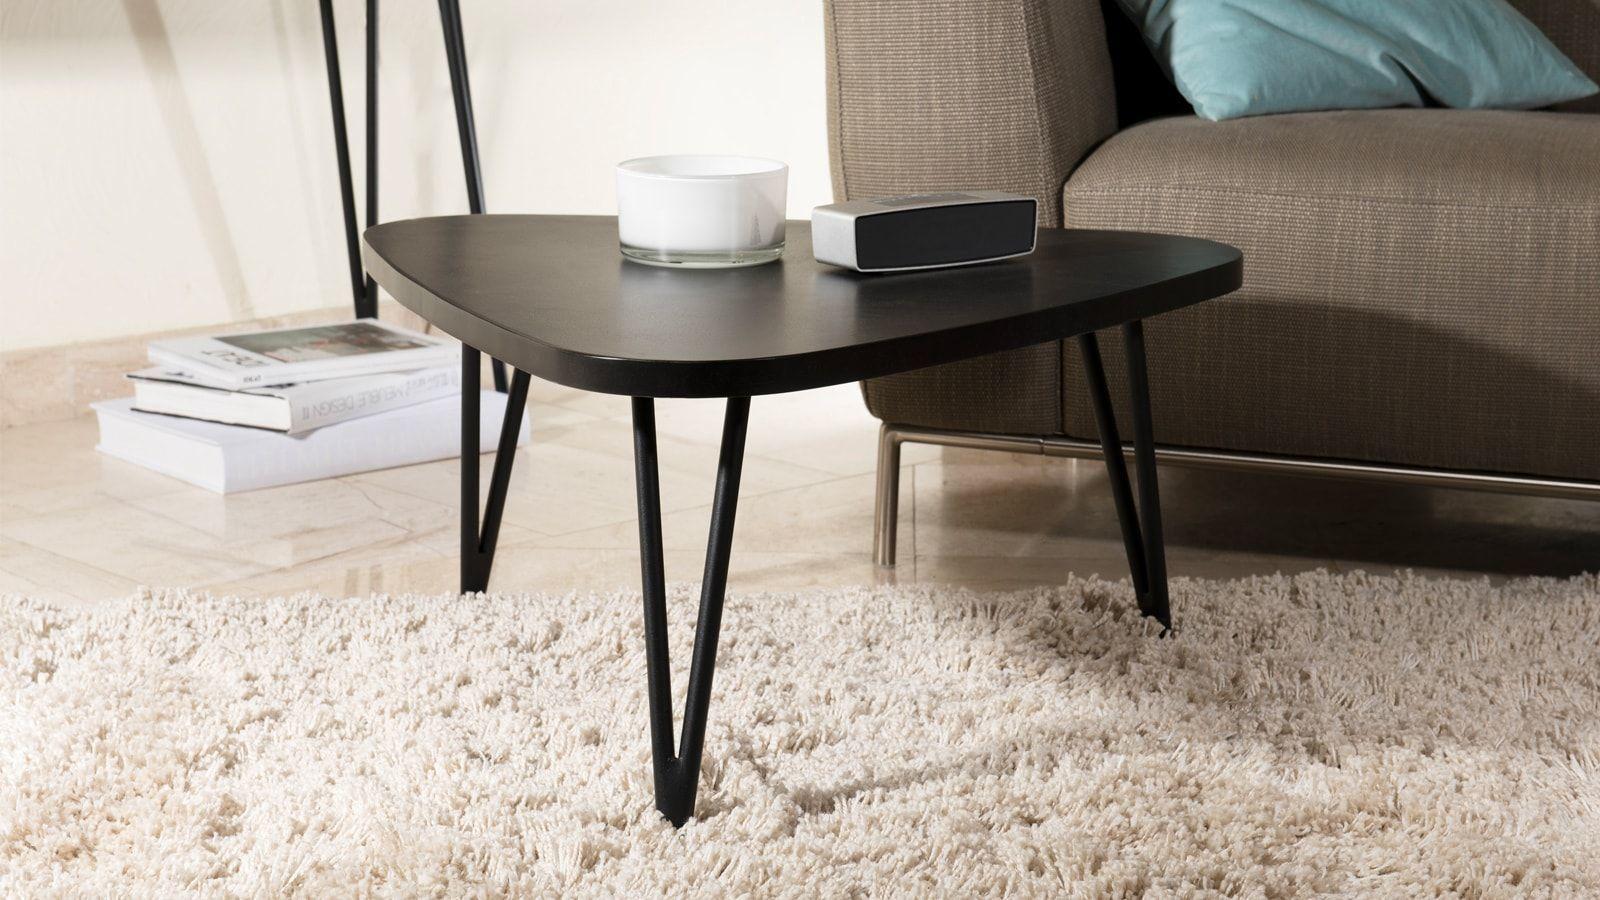 joos-table-basse-goutte-d-eau-pm.jpg [MS-15481123719086096-0096361409-FR]/Catalogue produit / Online